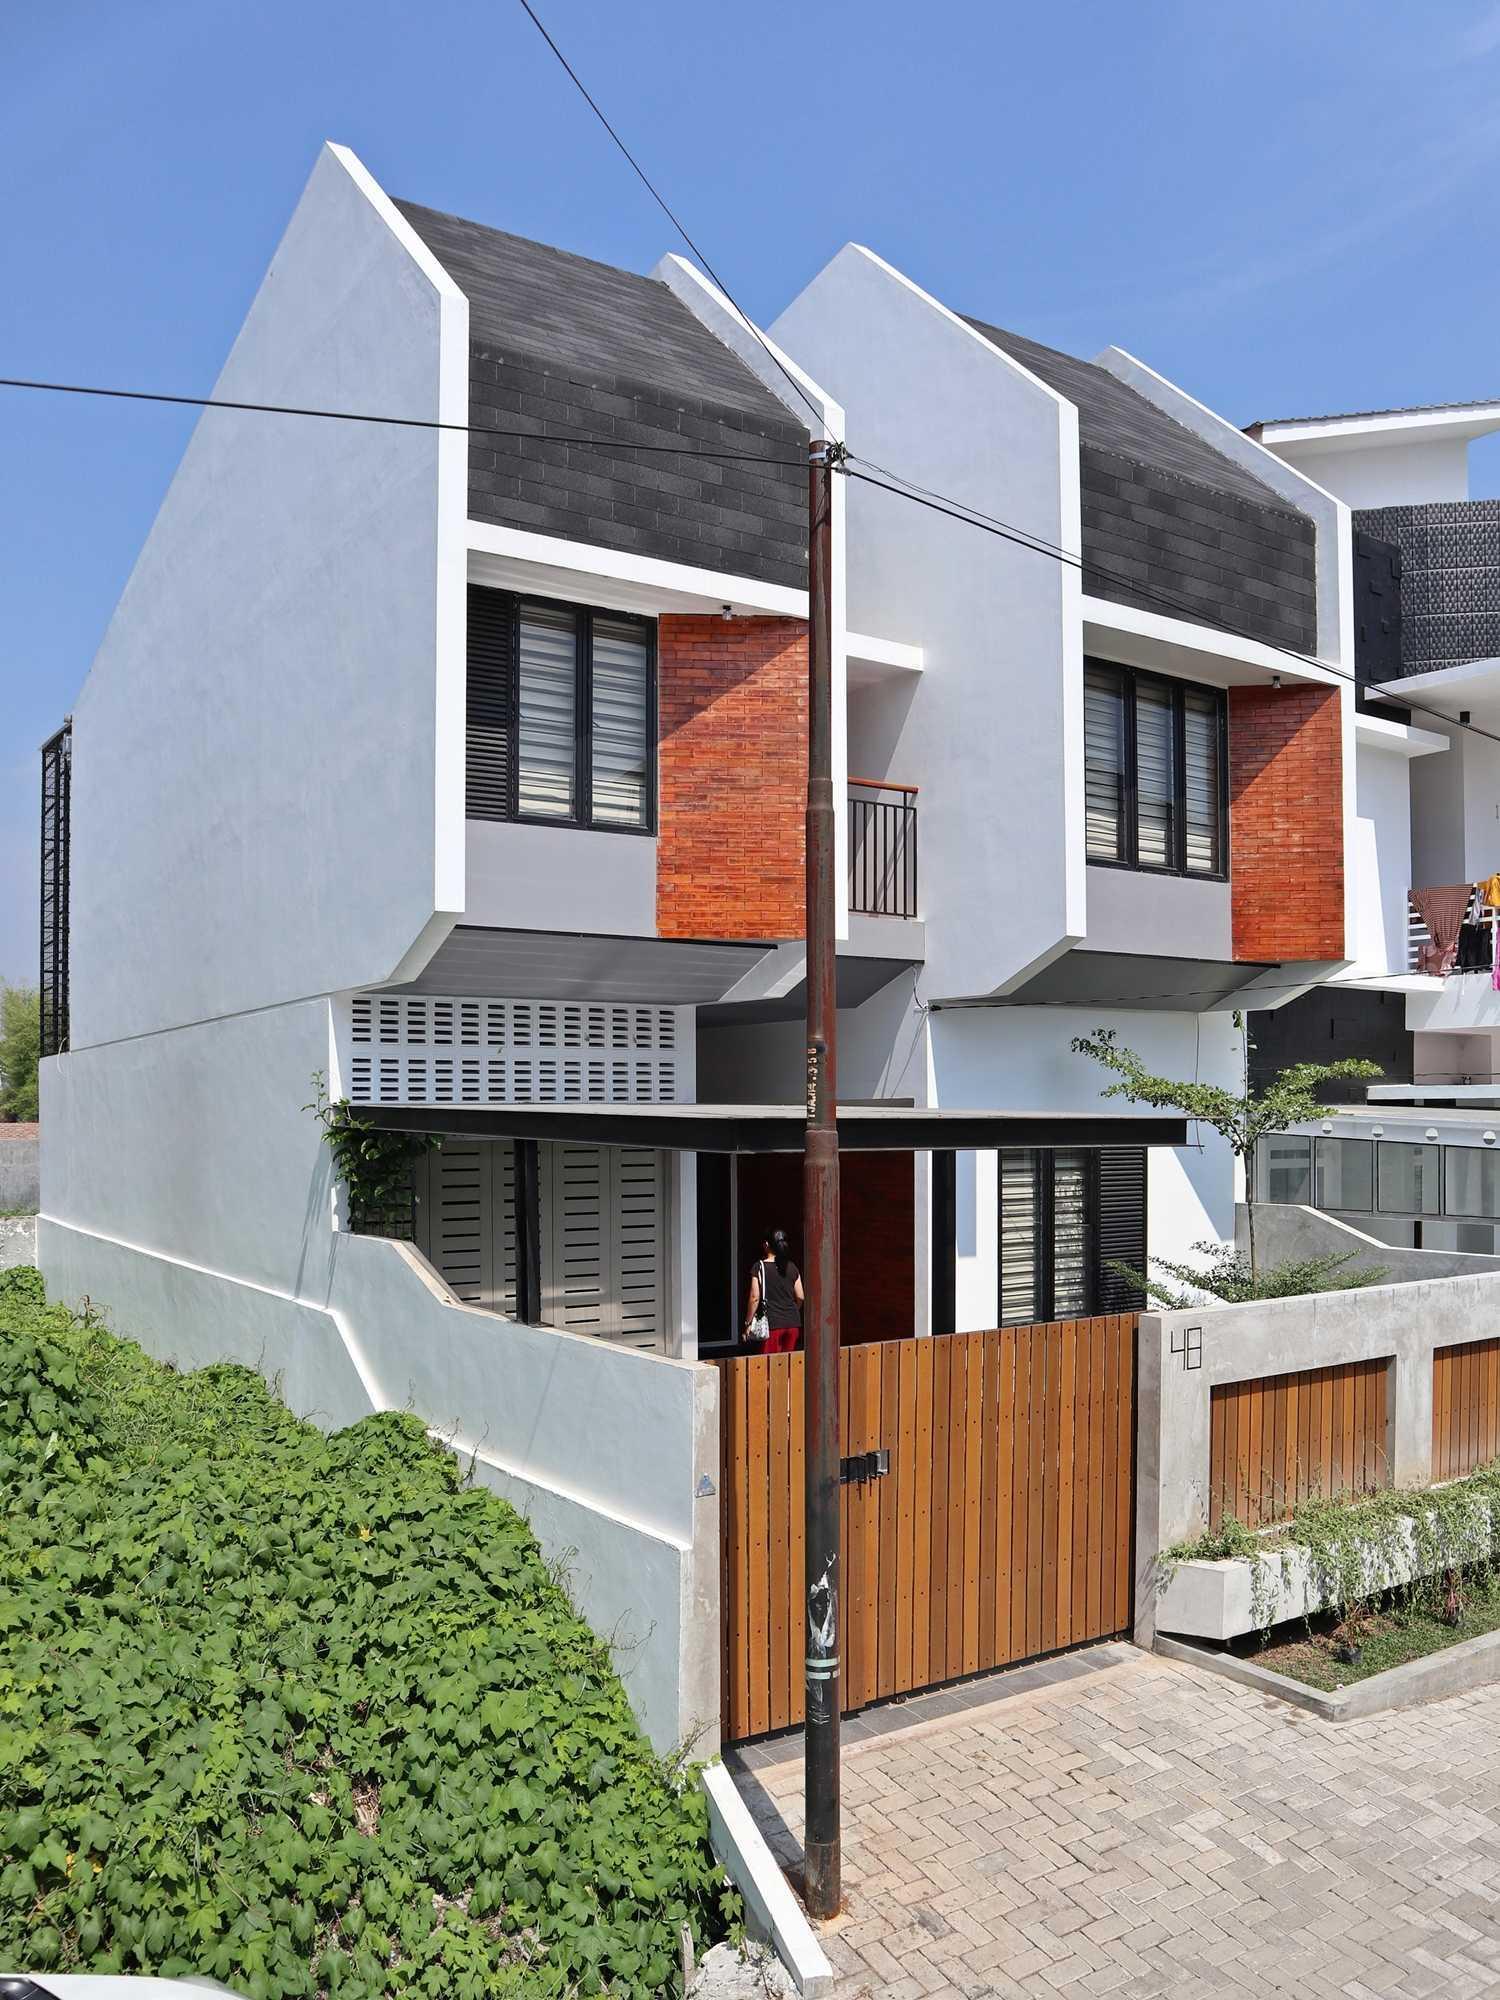 Bd Studio Hd House Medan, Kota Medan, Sumatera Utara, Indonesia Medan, Kota Medan, Sumatera Utara, Indonesia Bd-Studio-Hd-House   73815